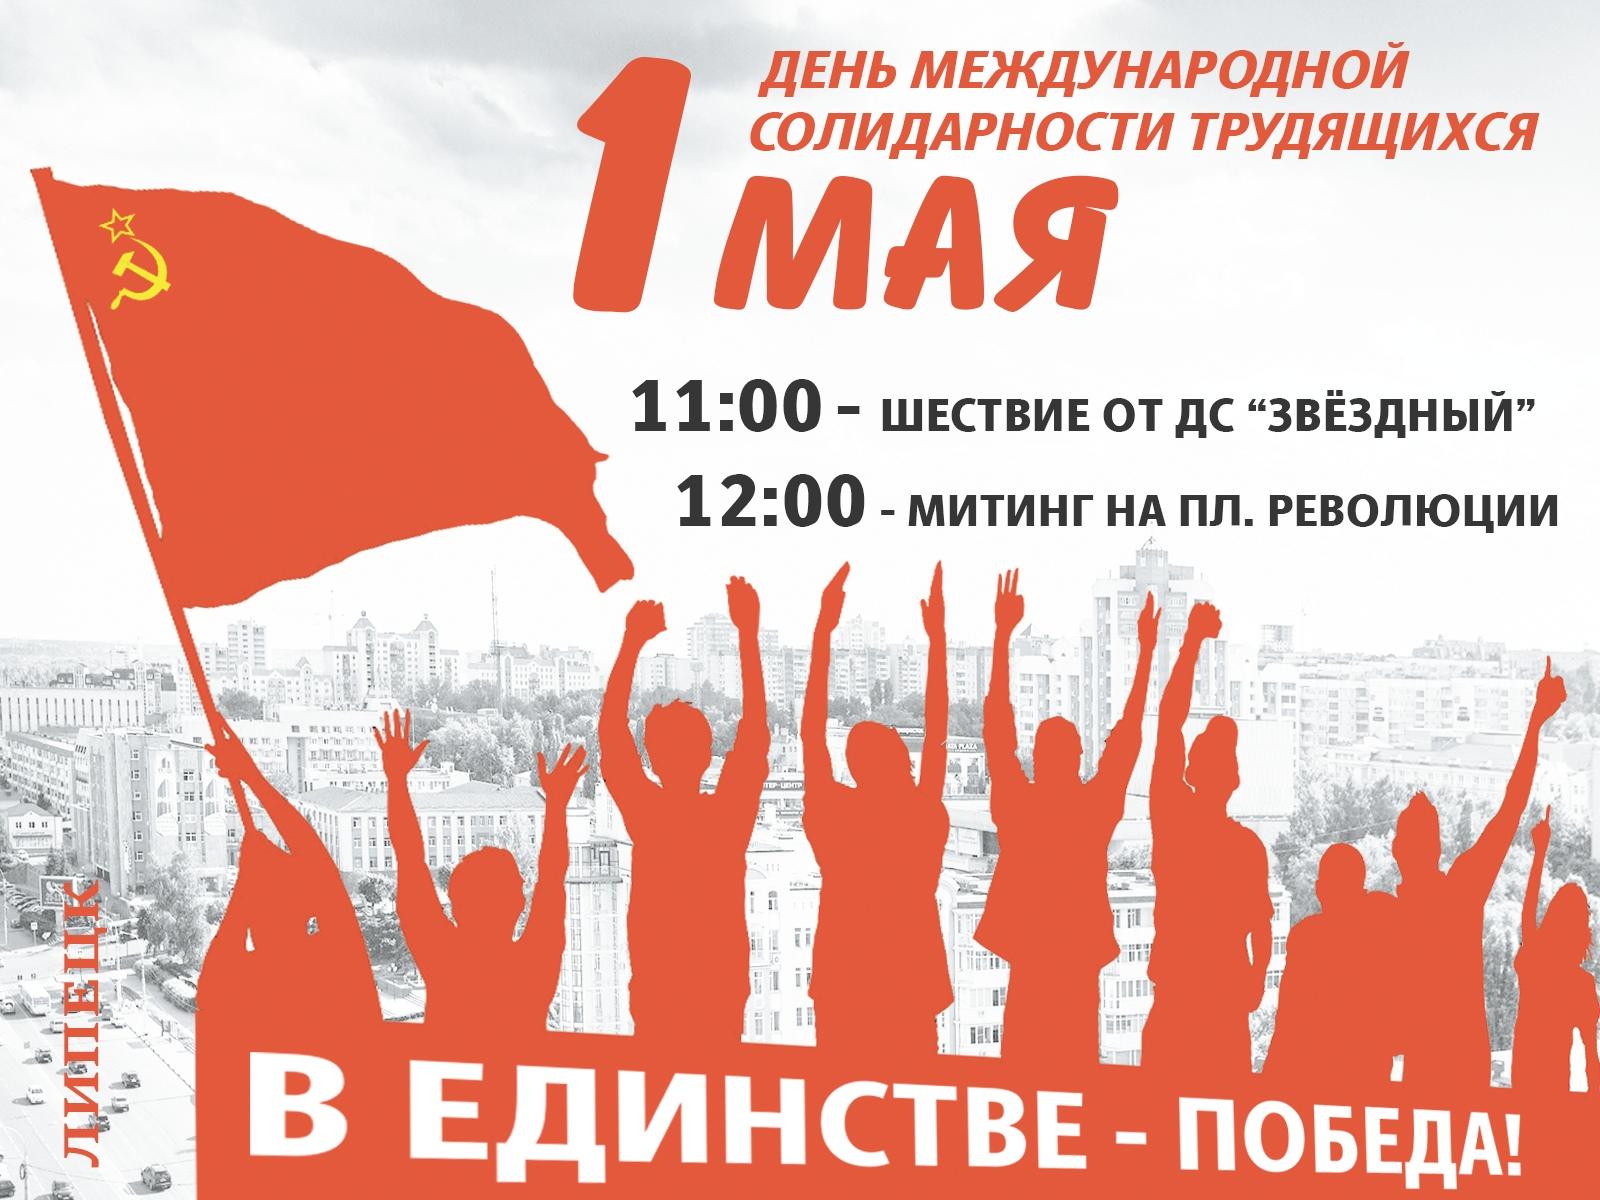 1 мая в Липецке пройдут демонстрация и митинг